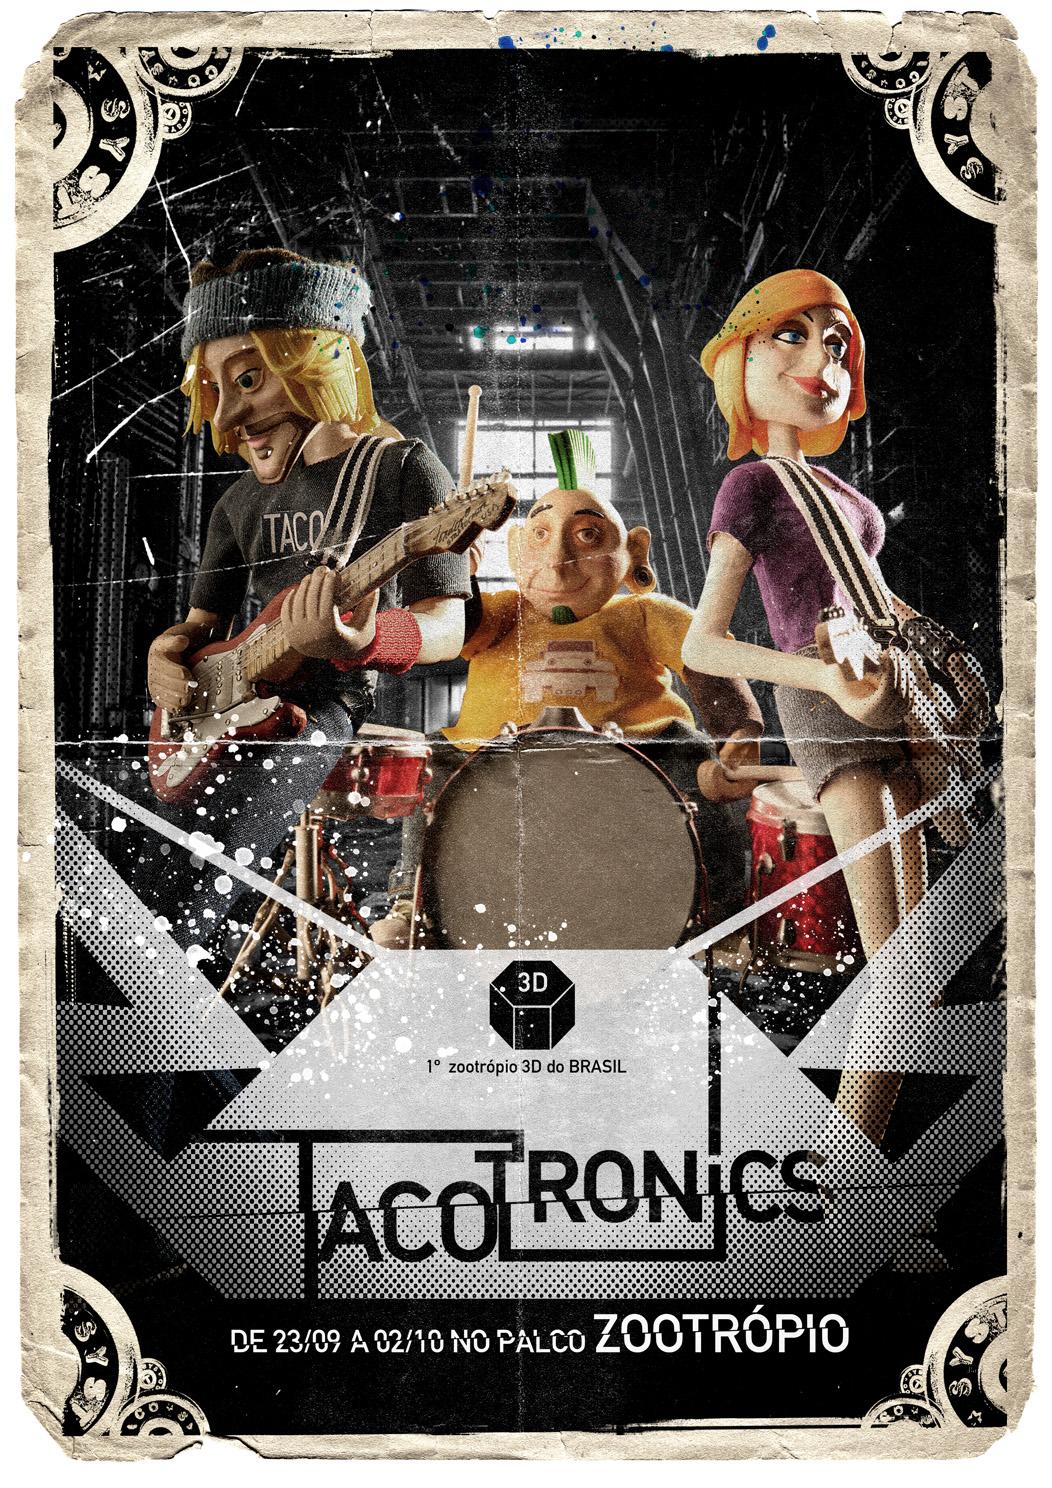 TACOTRONICS